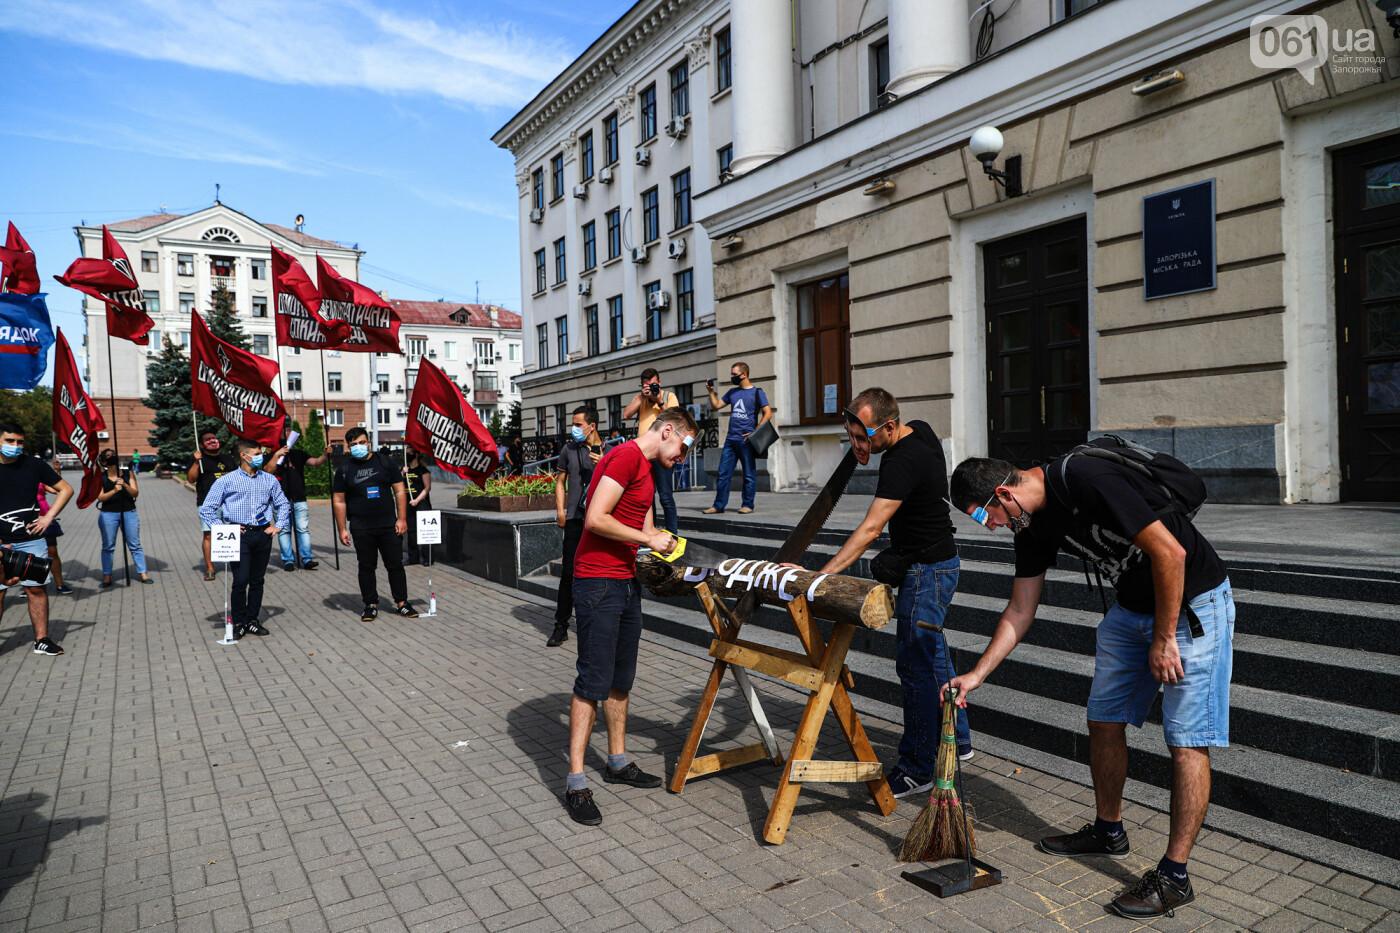 С пилами и в масках: в Запорожье возле мэрии активисты показали, как распиливают городской бюджет, - ФОТОРЕПОРТАЖ, фото-16